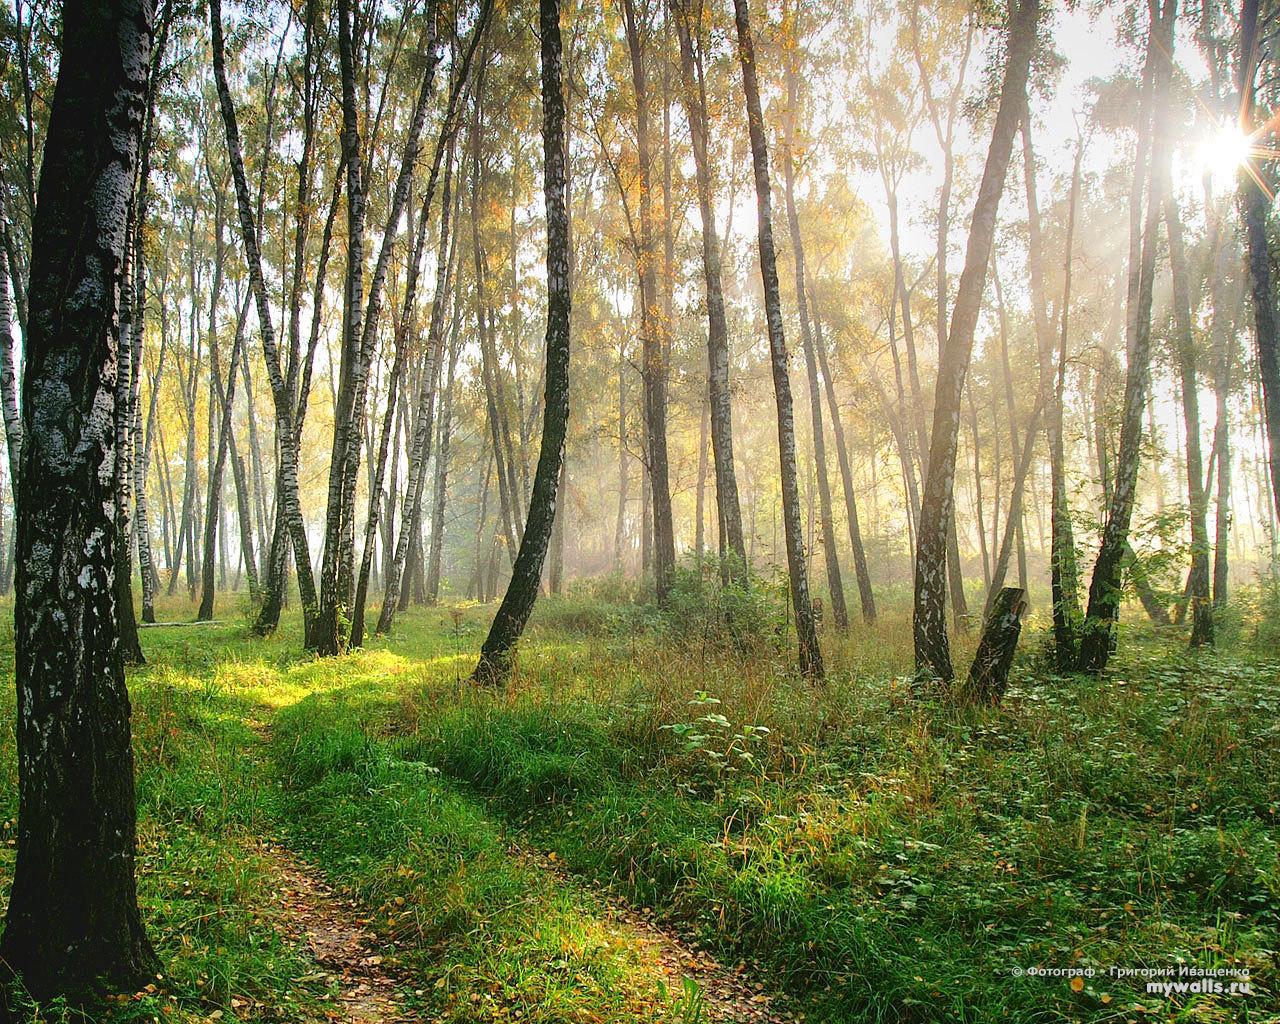 10869 скачать обои Пейзаж, Деревья, Трава, Дороги, Солнце - заставки и картинки бесплатно